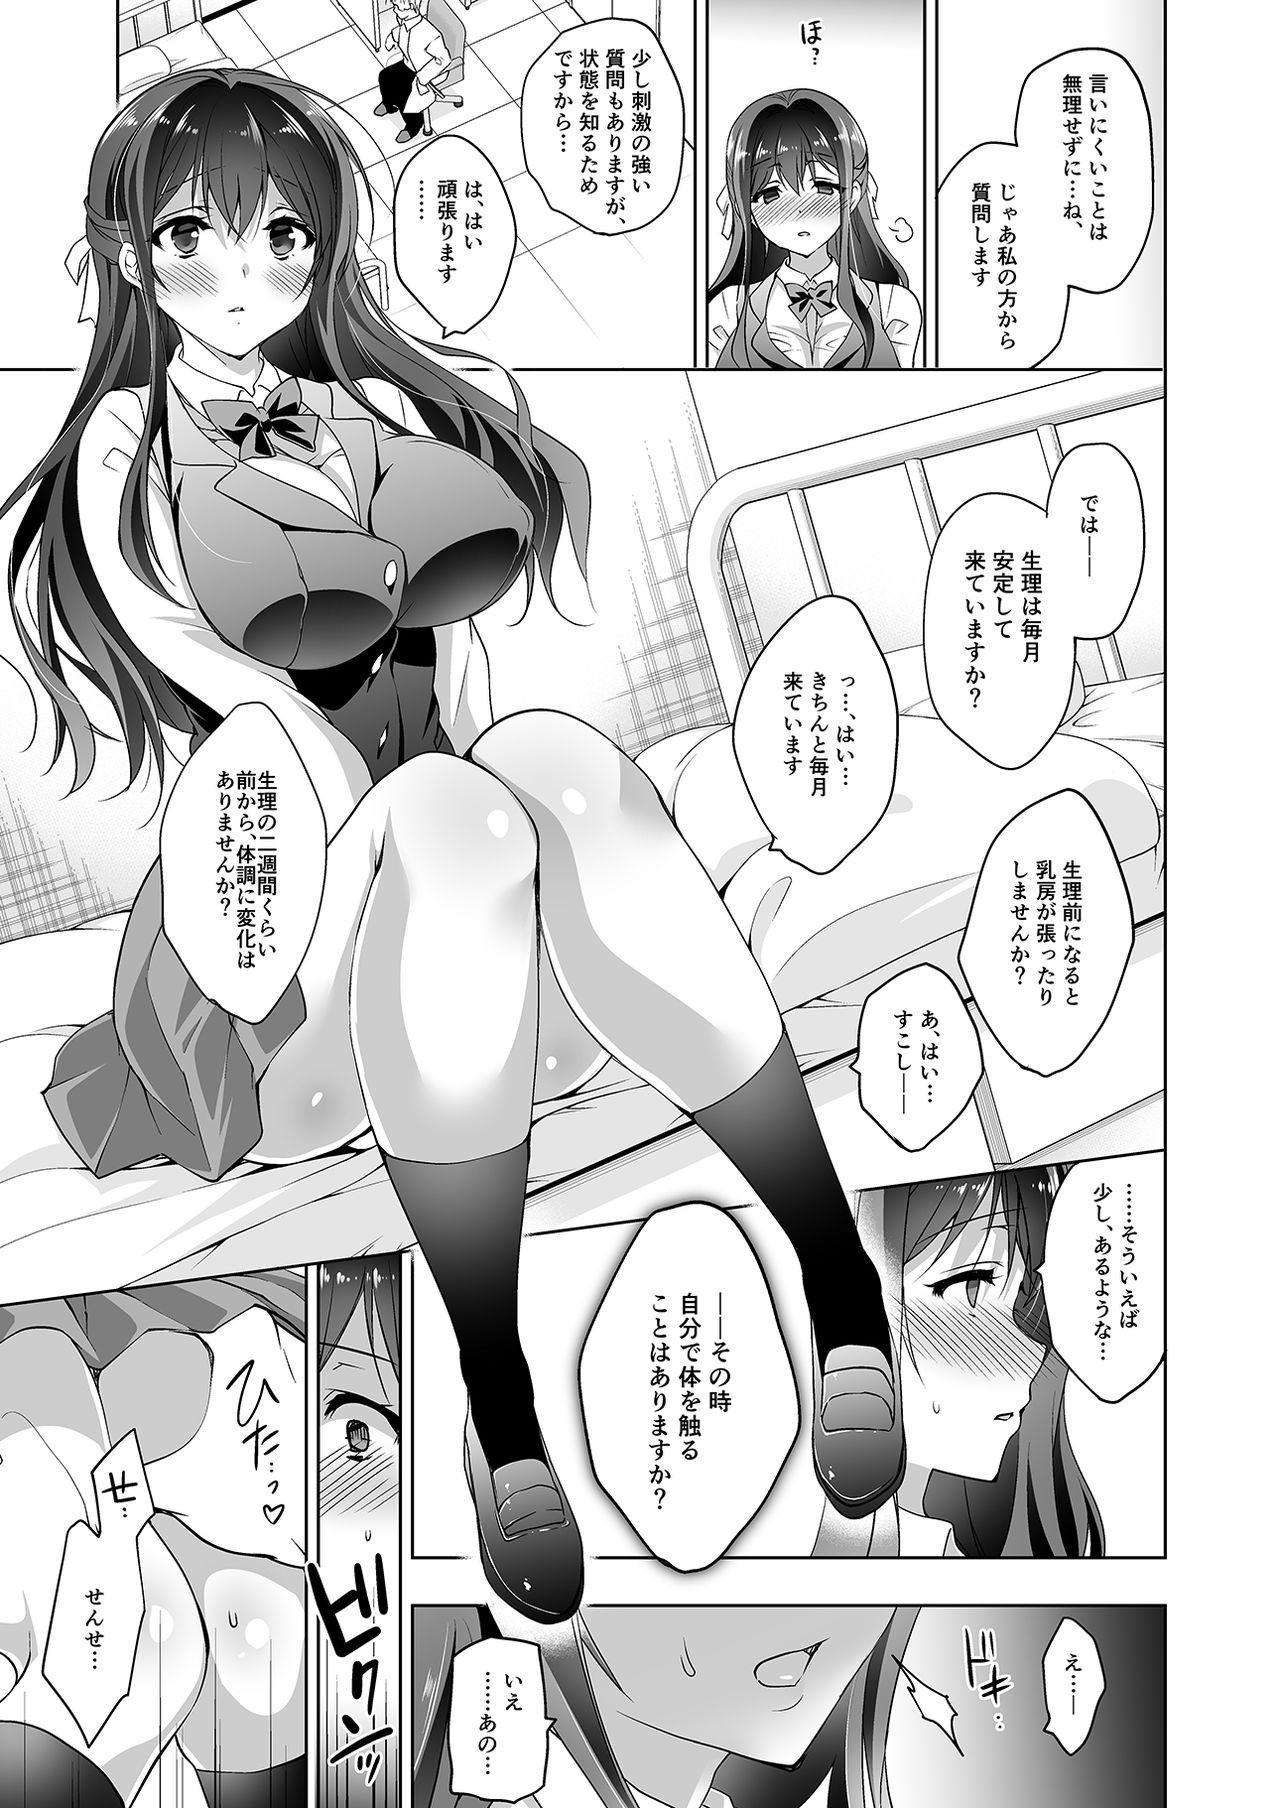 Hakoiri Otome - Kyonyuu JK Miu no Mesu Ochi Seikyouiku 10